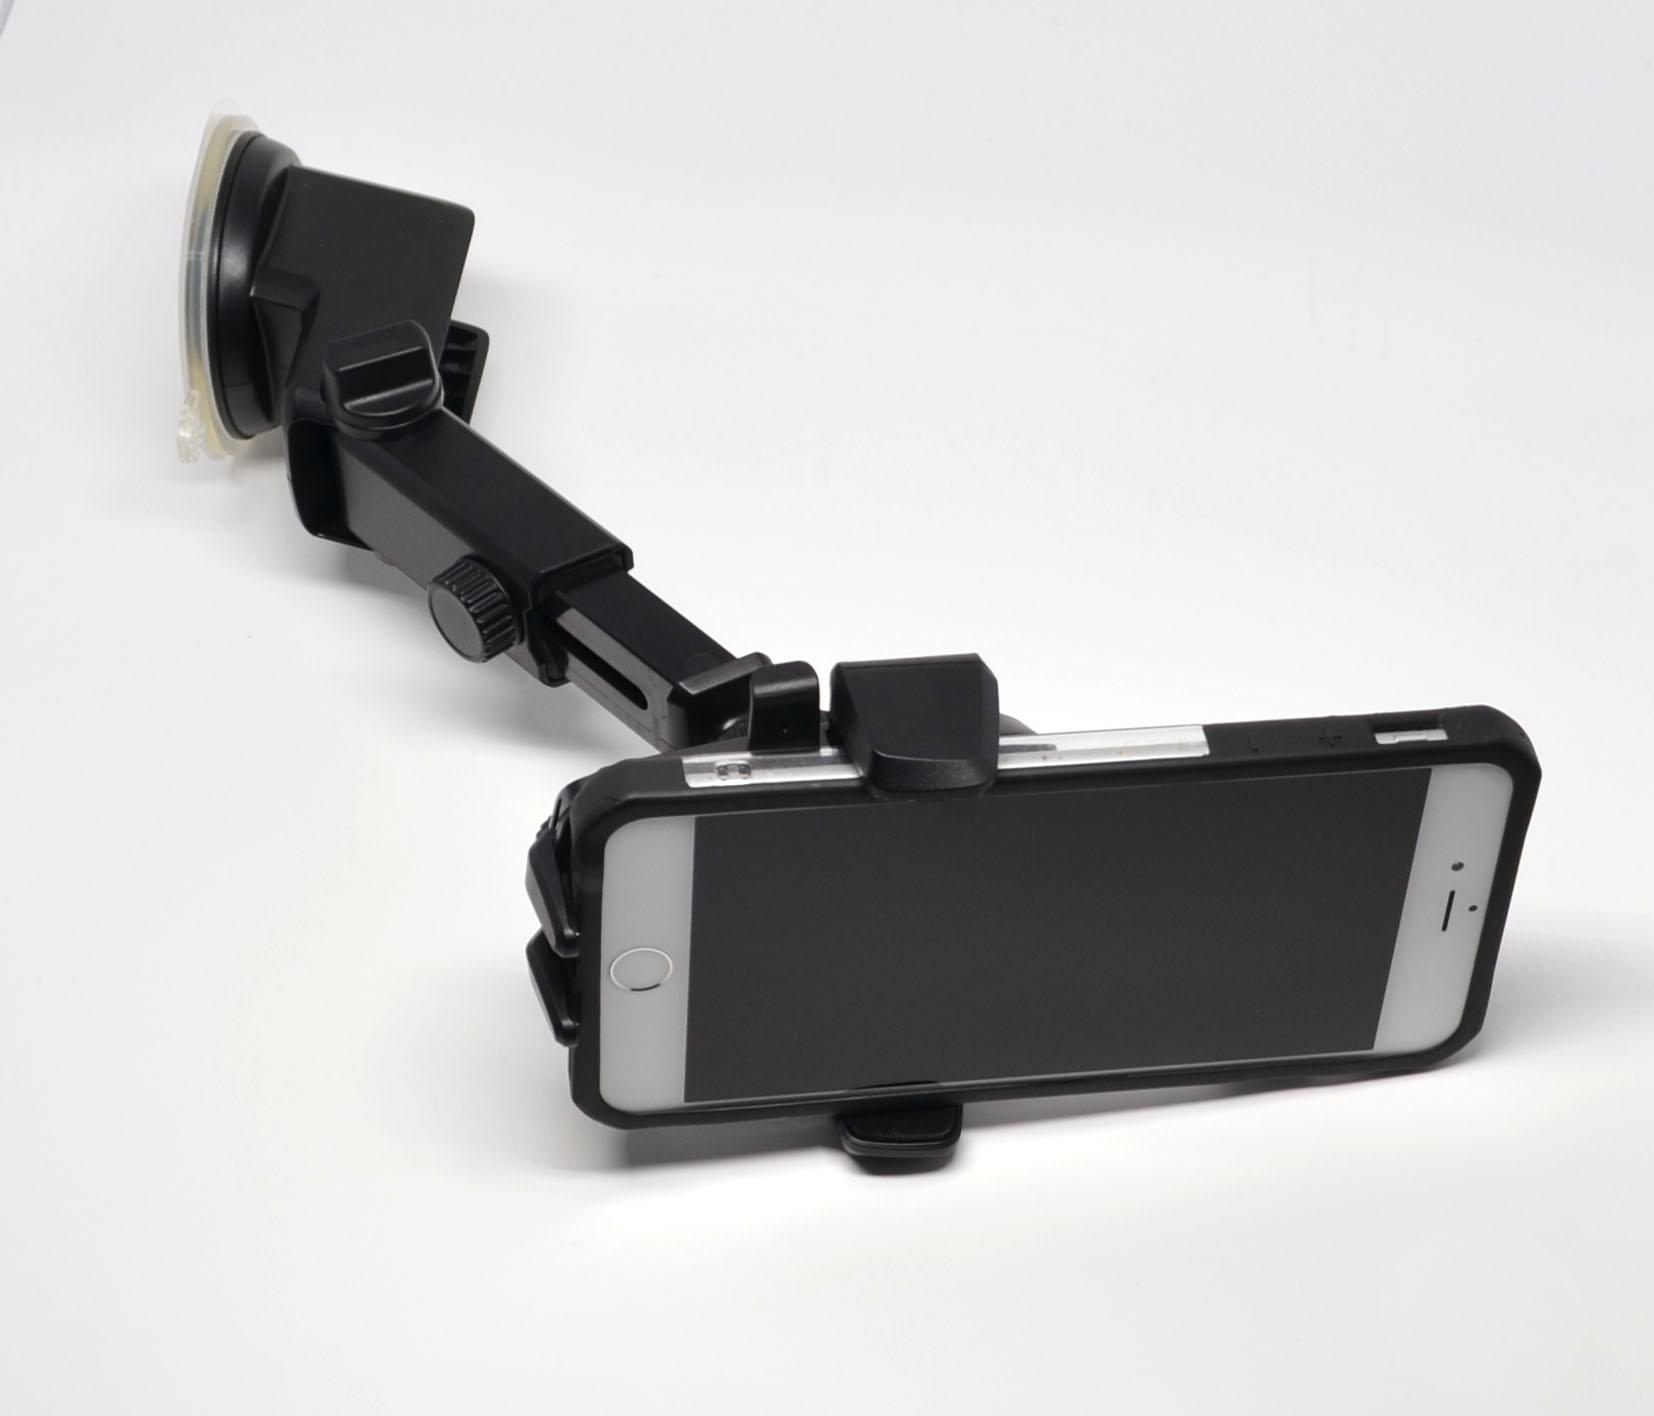 Recenzja: Uchwyt samochodowy do telefonu iOttie Easy One Touch 3